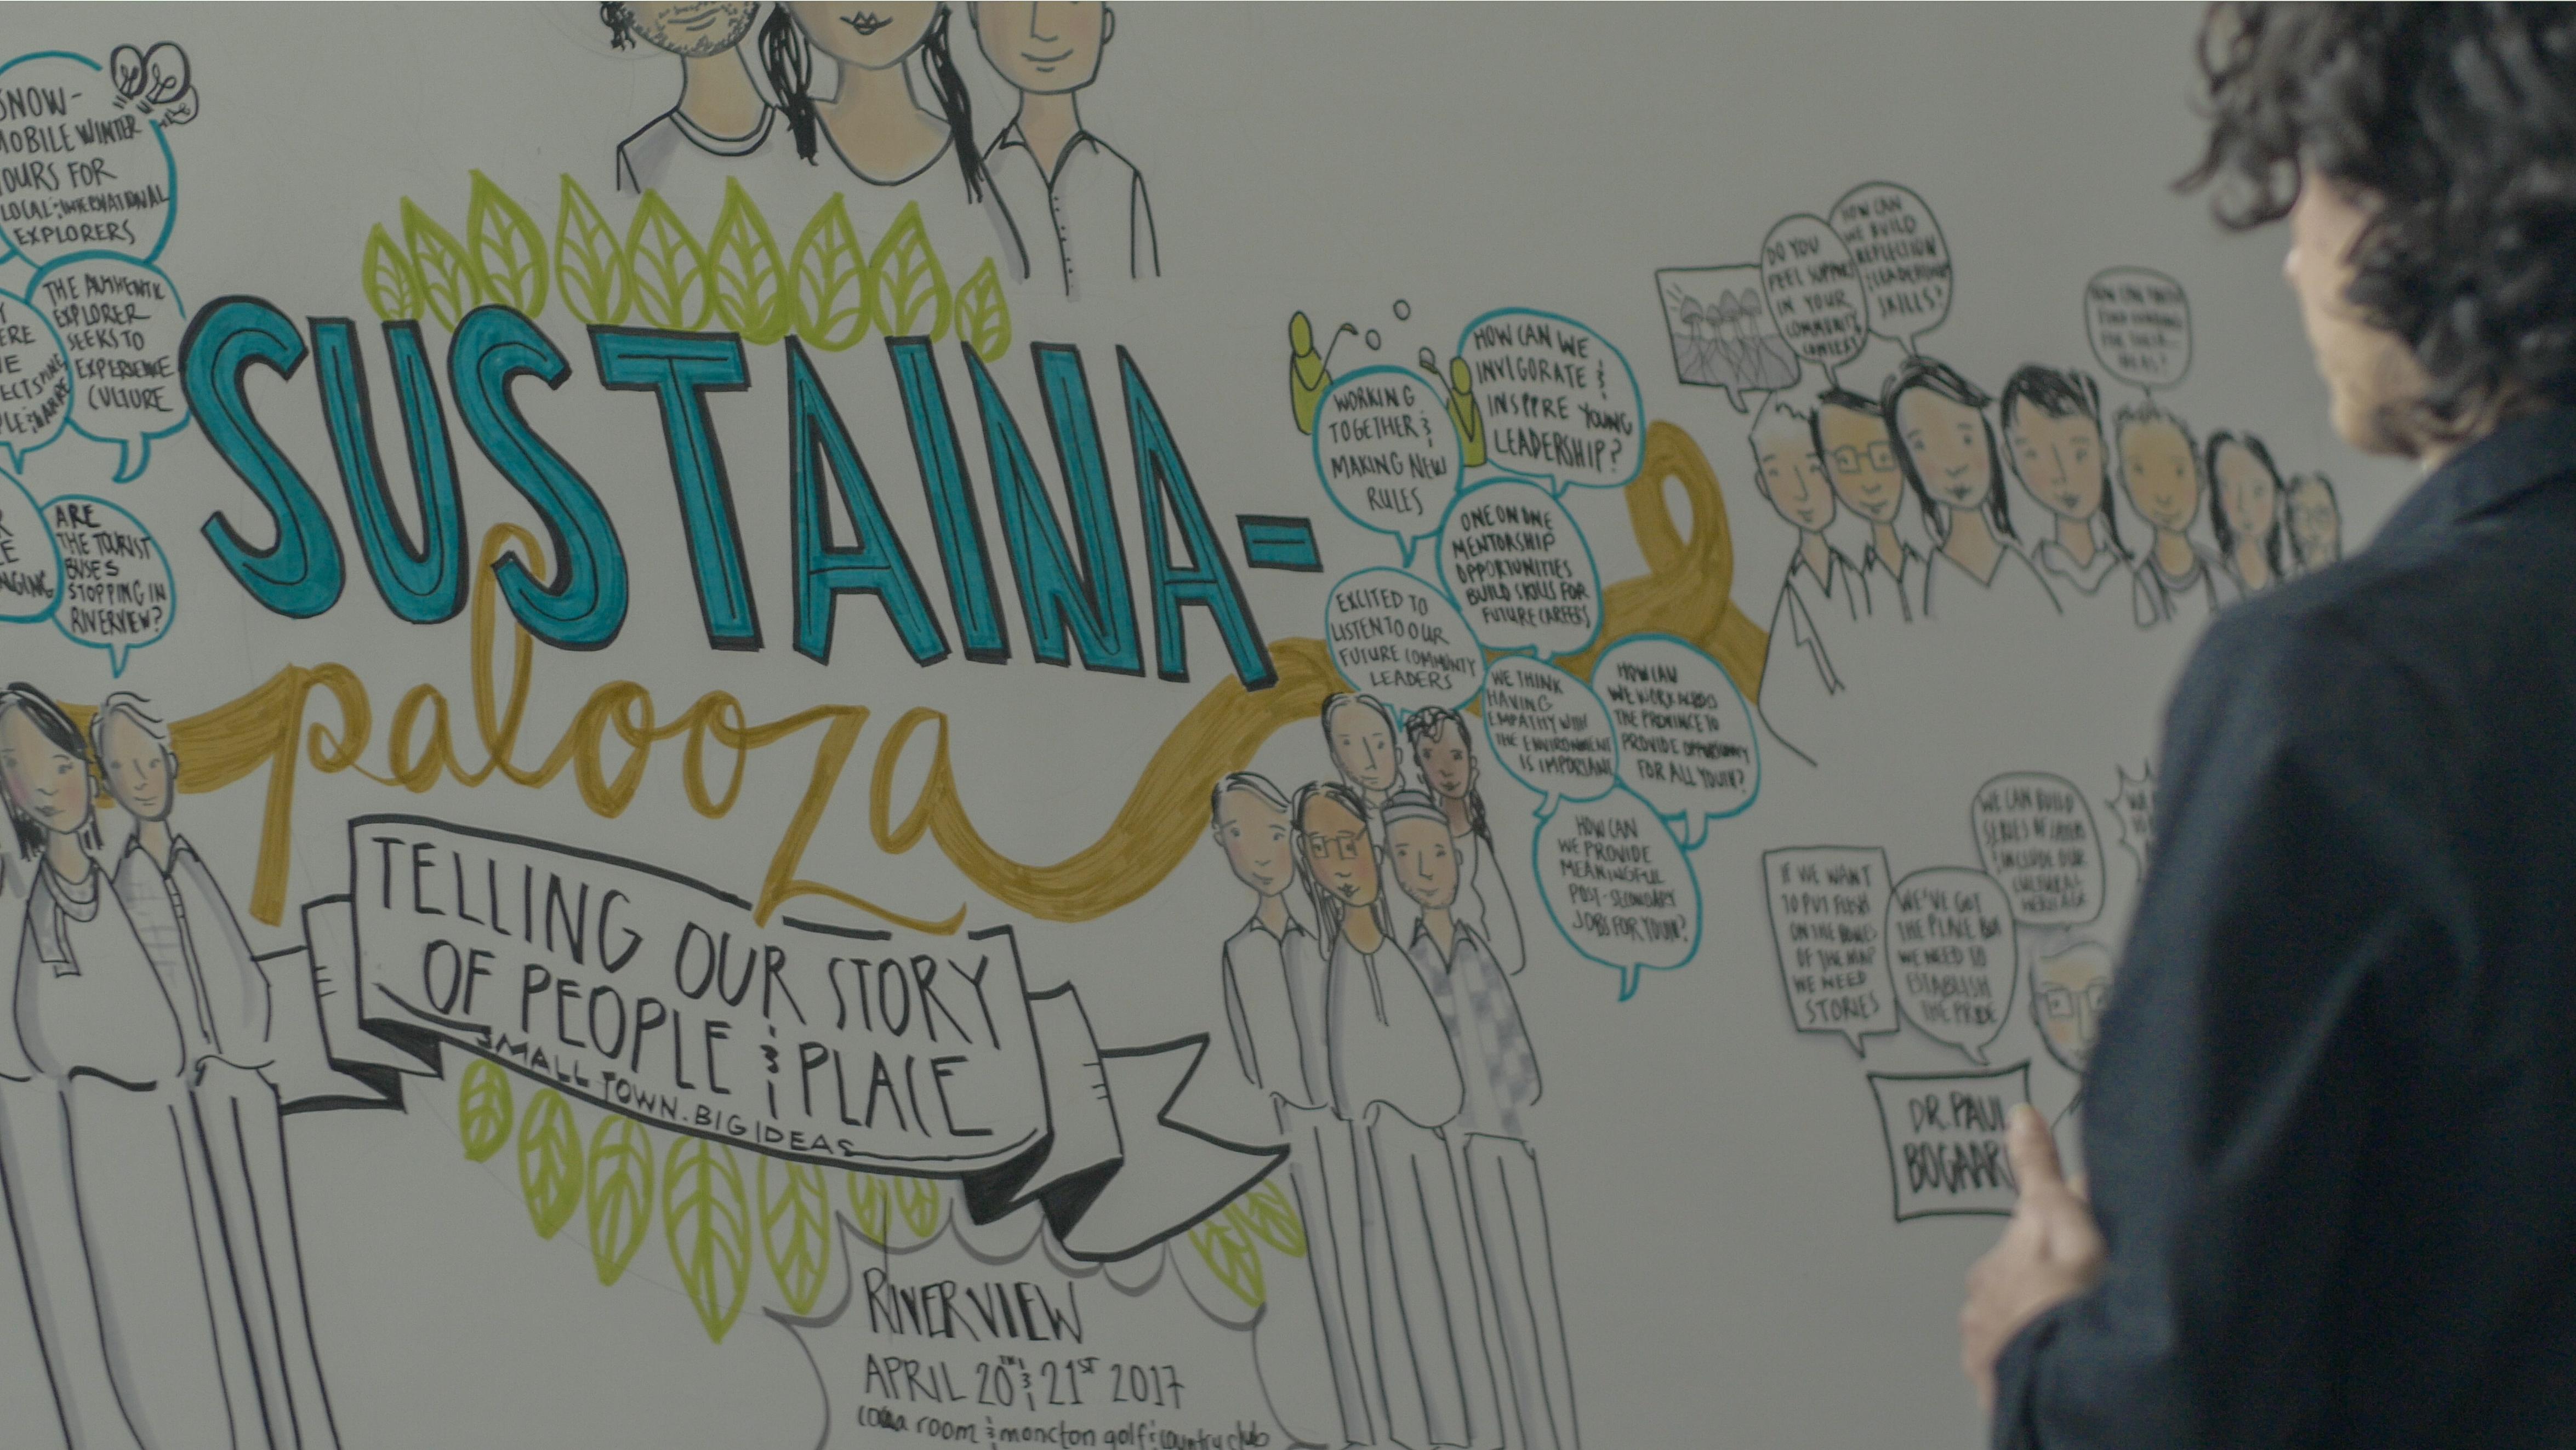 Sustaina-Palooza banner of illustrations